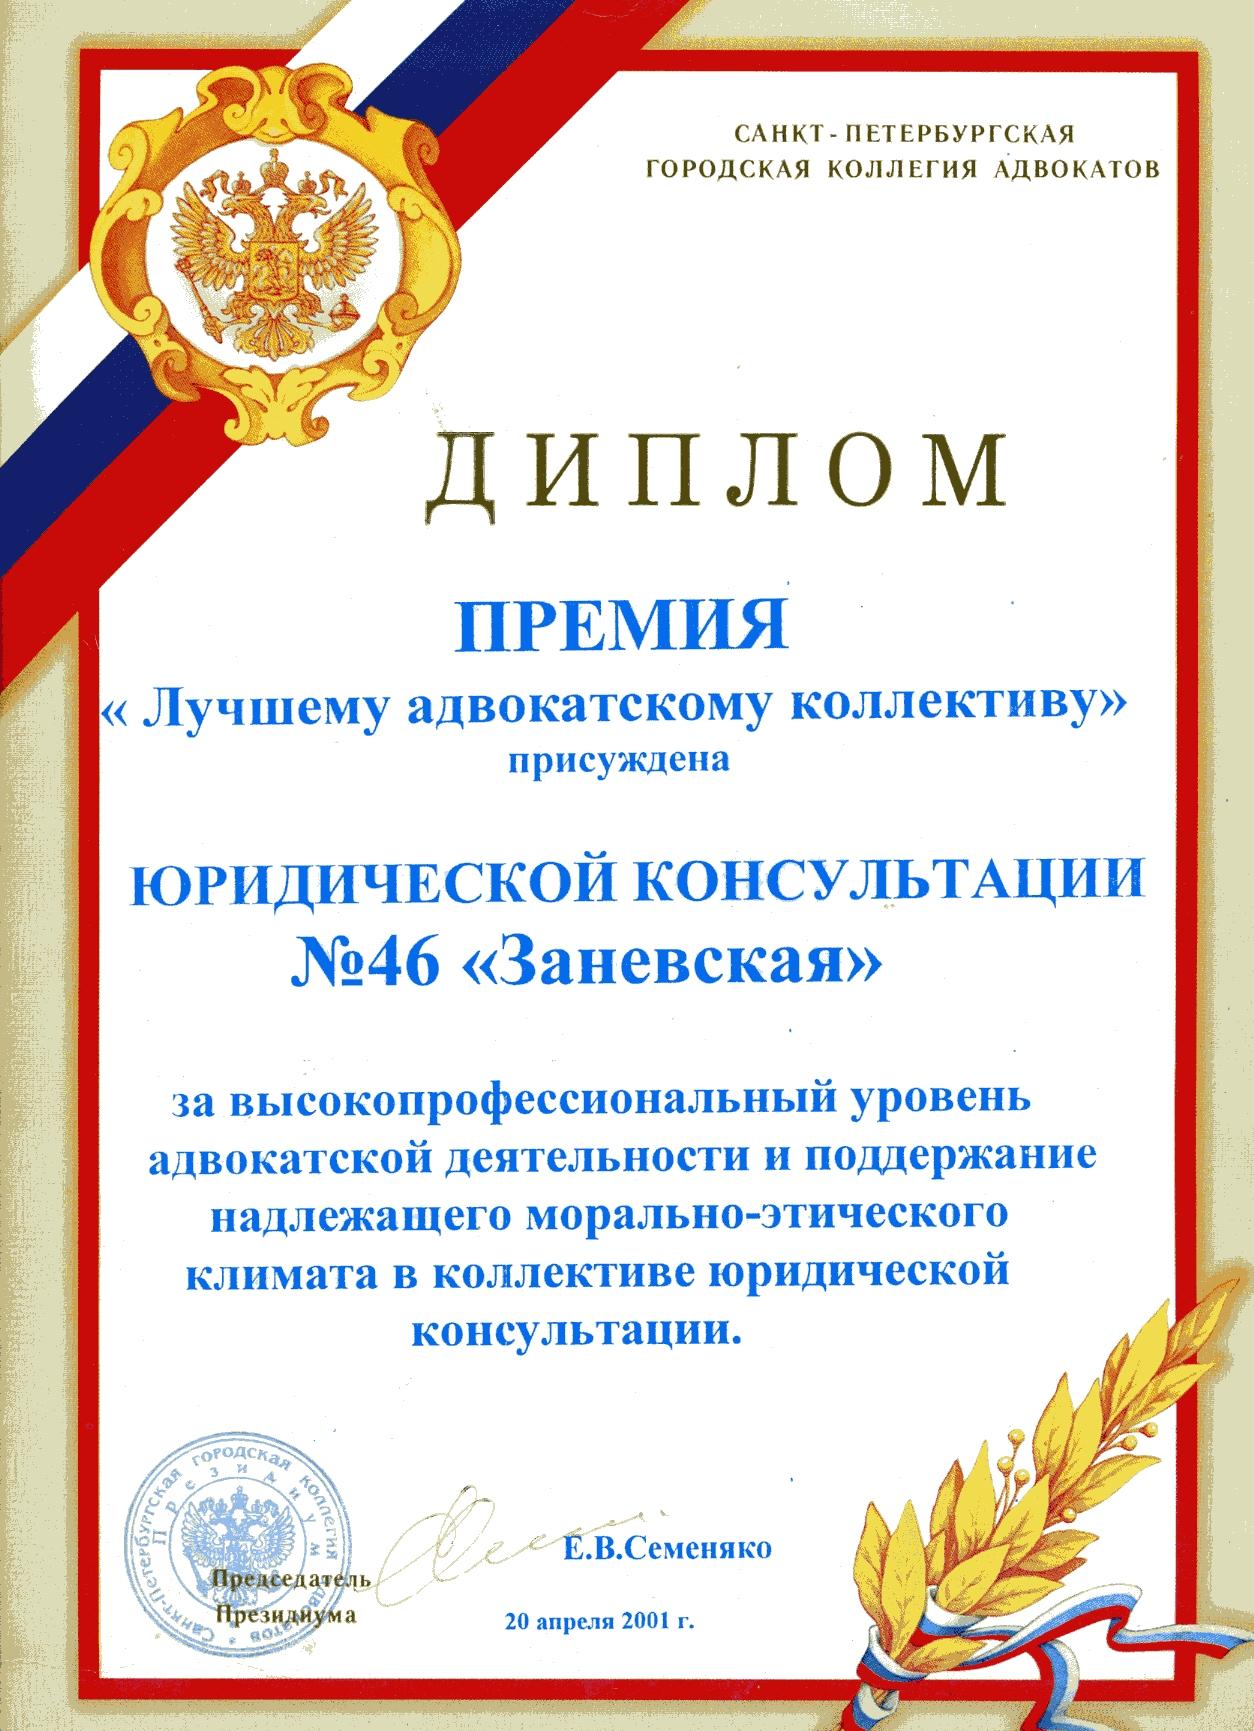 Грамоты и награды Адвокатская консультация №46 Заневская награждена Дипломом Премия лучшему адвокатскому коллективу